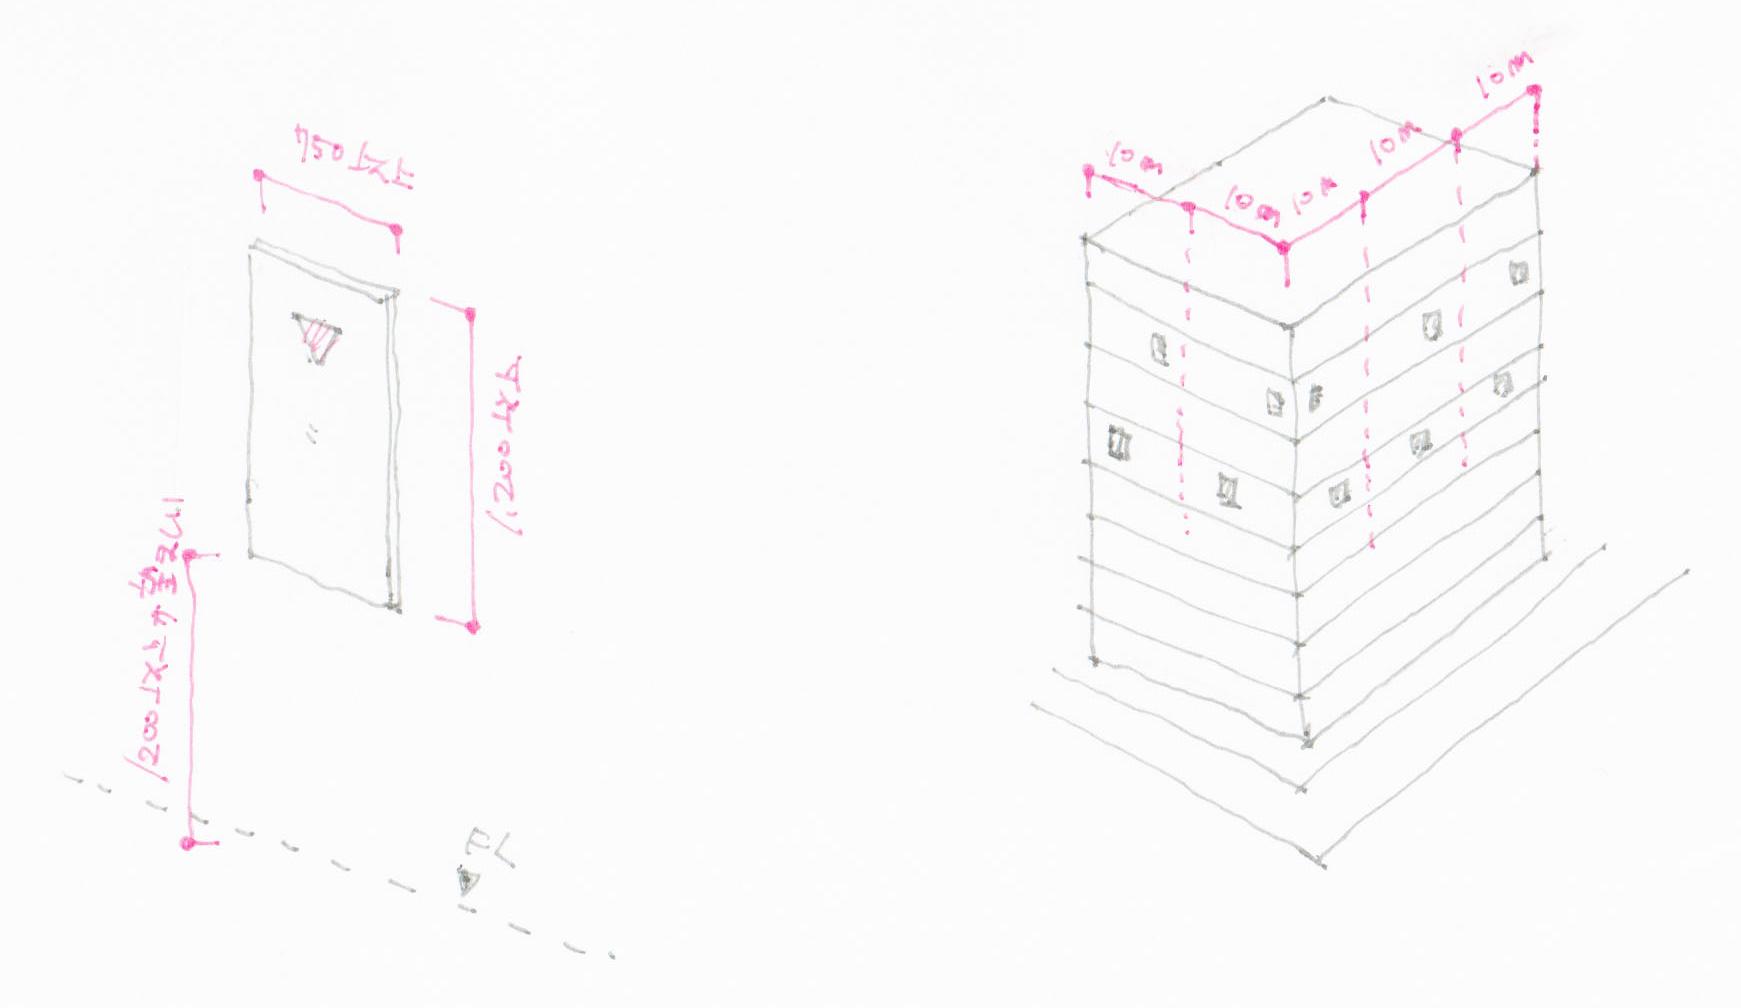 代替進入口の構造と設置間隔